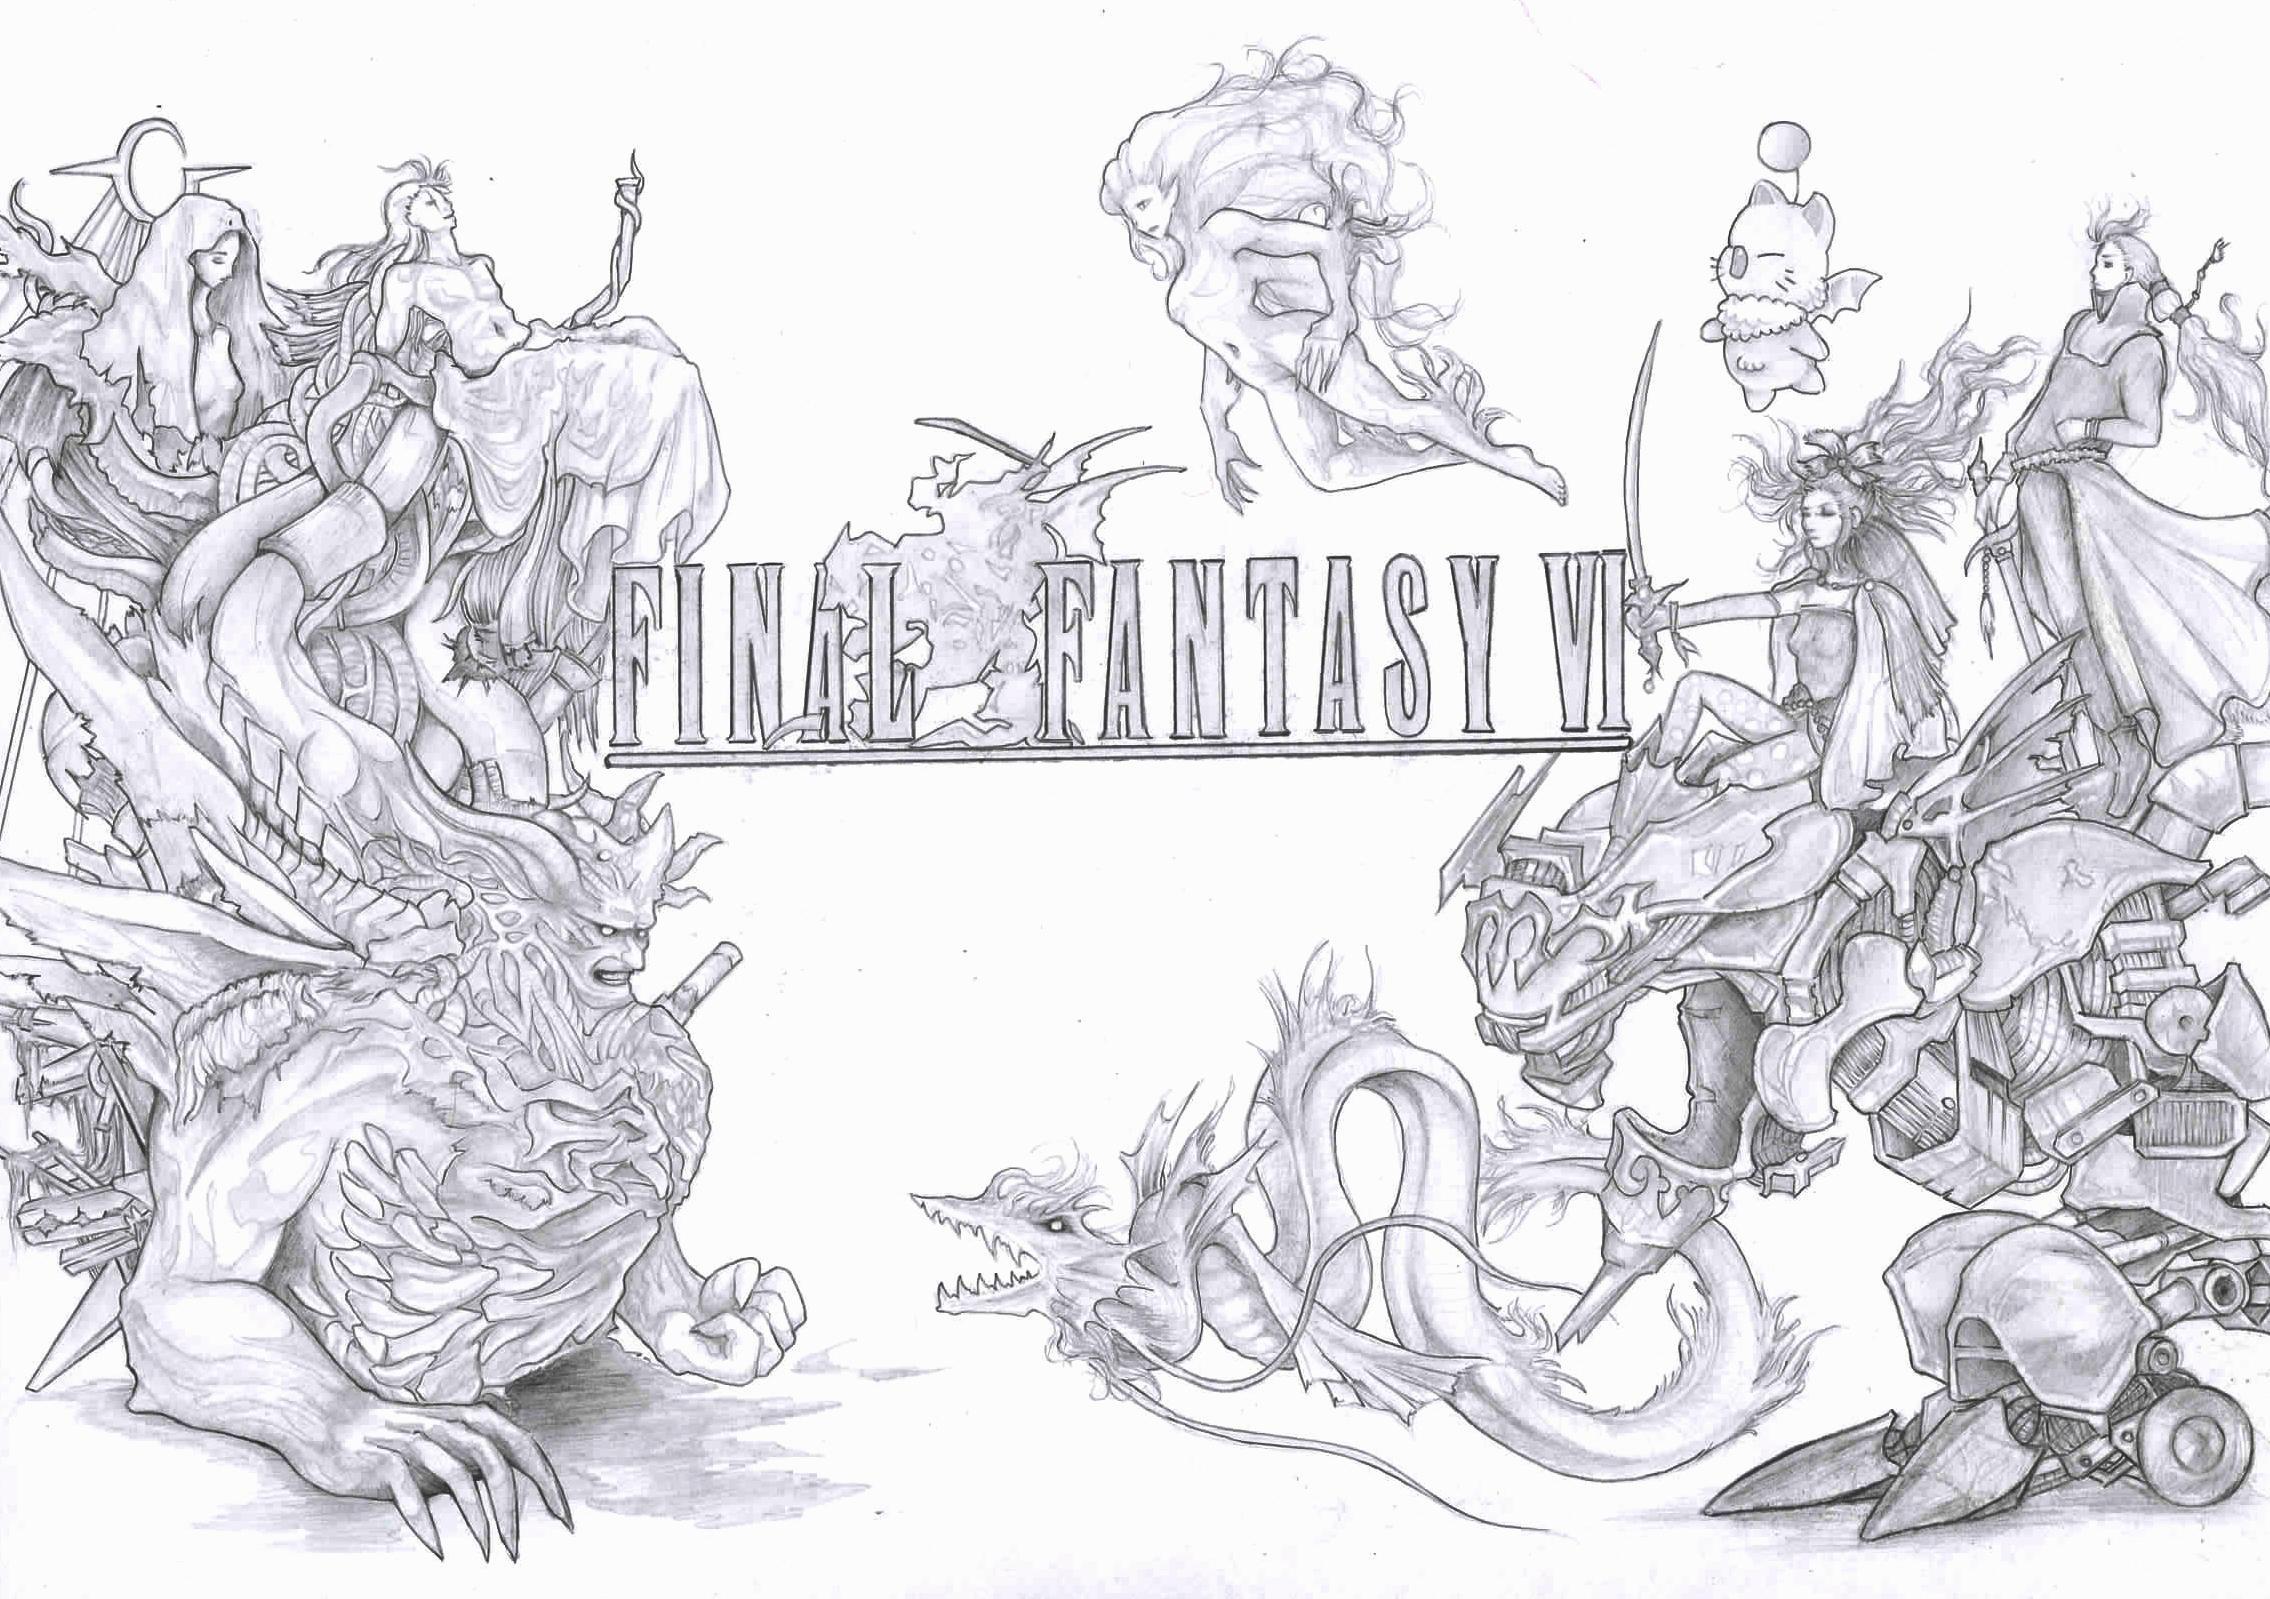 Endgültige Fantasy VI 6 Fanart schwarz und weiß | Etsy